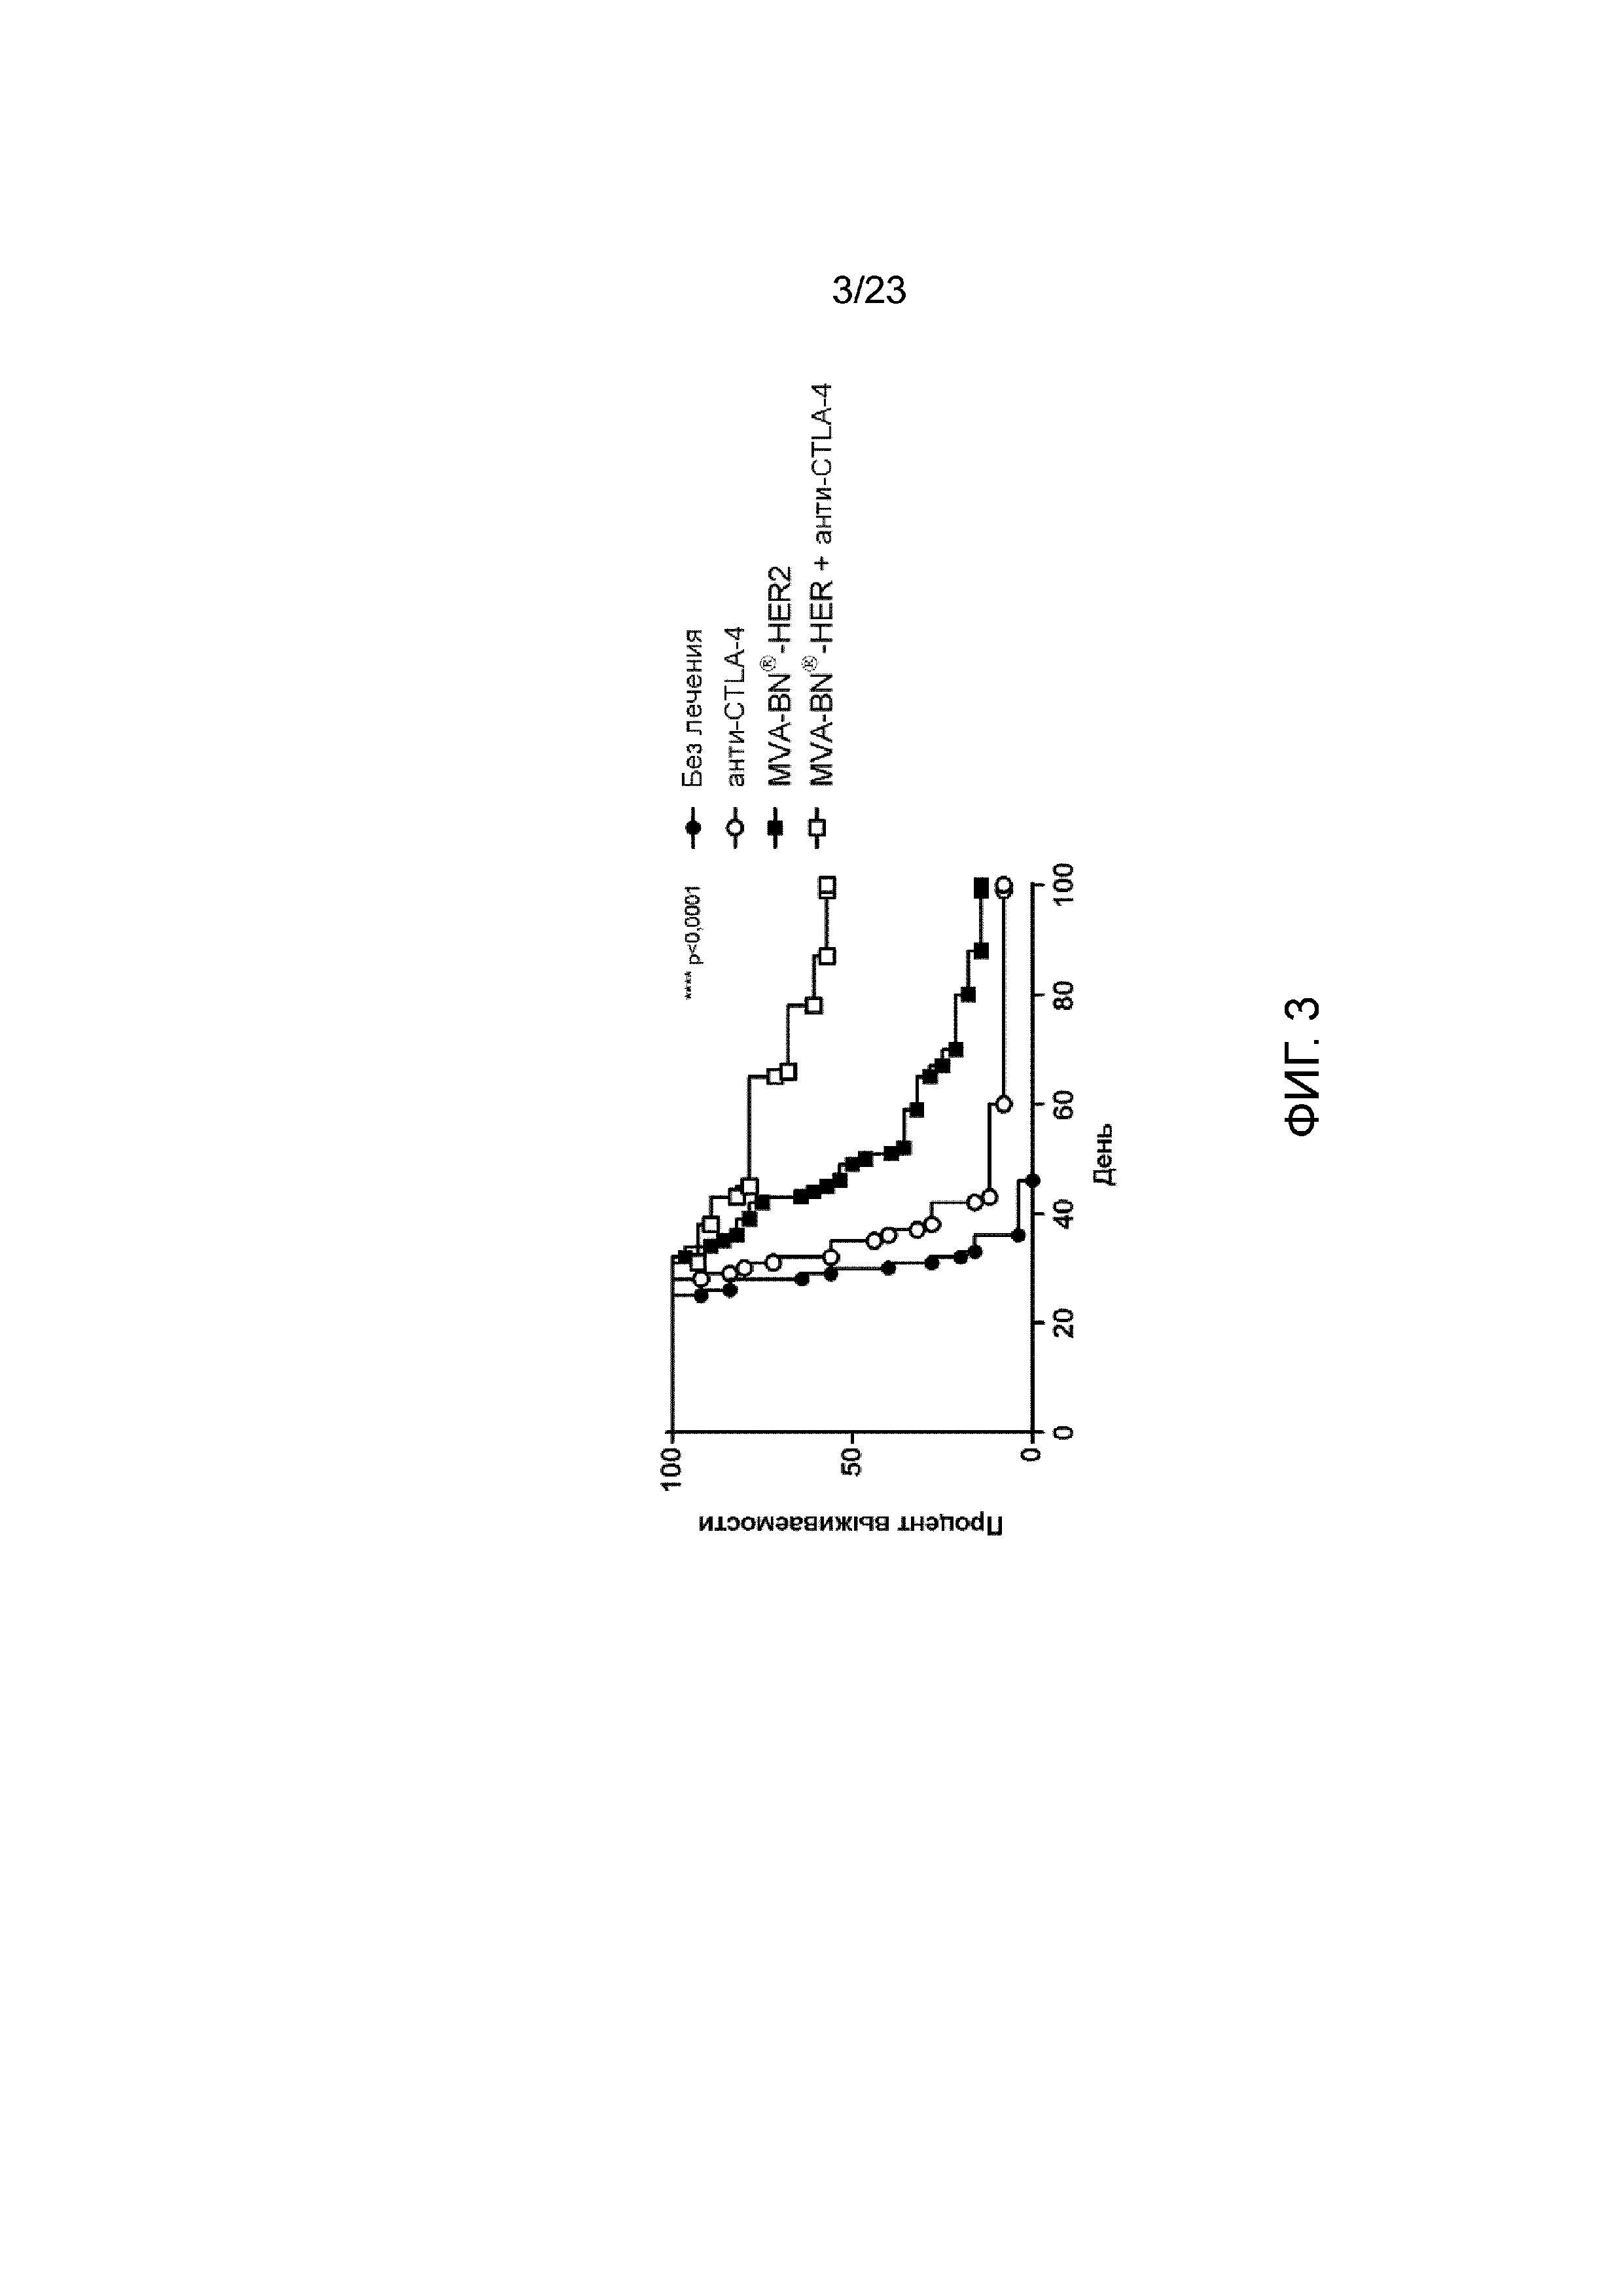 Комбинированное лекарственное средство для лечения рака с использованием поксвируса, экспрессирующего опухолевый антиген, и антагониста и/или агониста ингибитора имунной контрольной точки